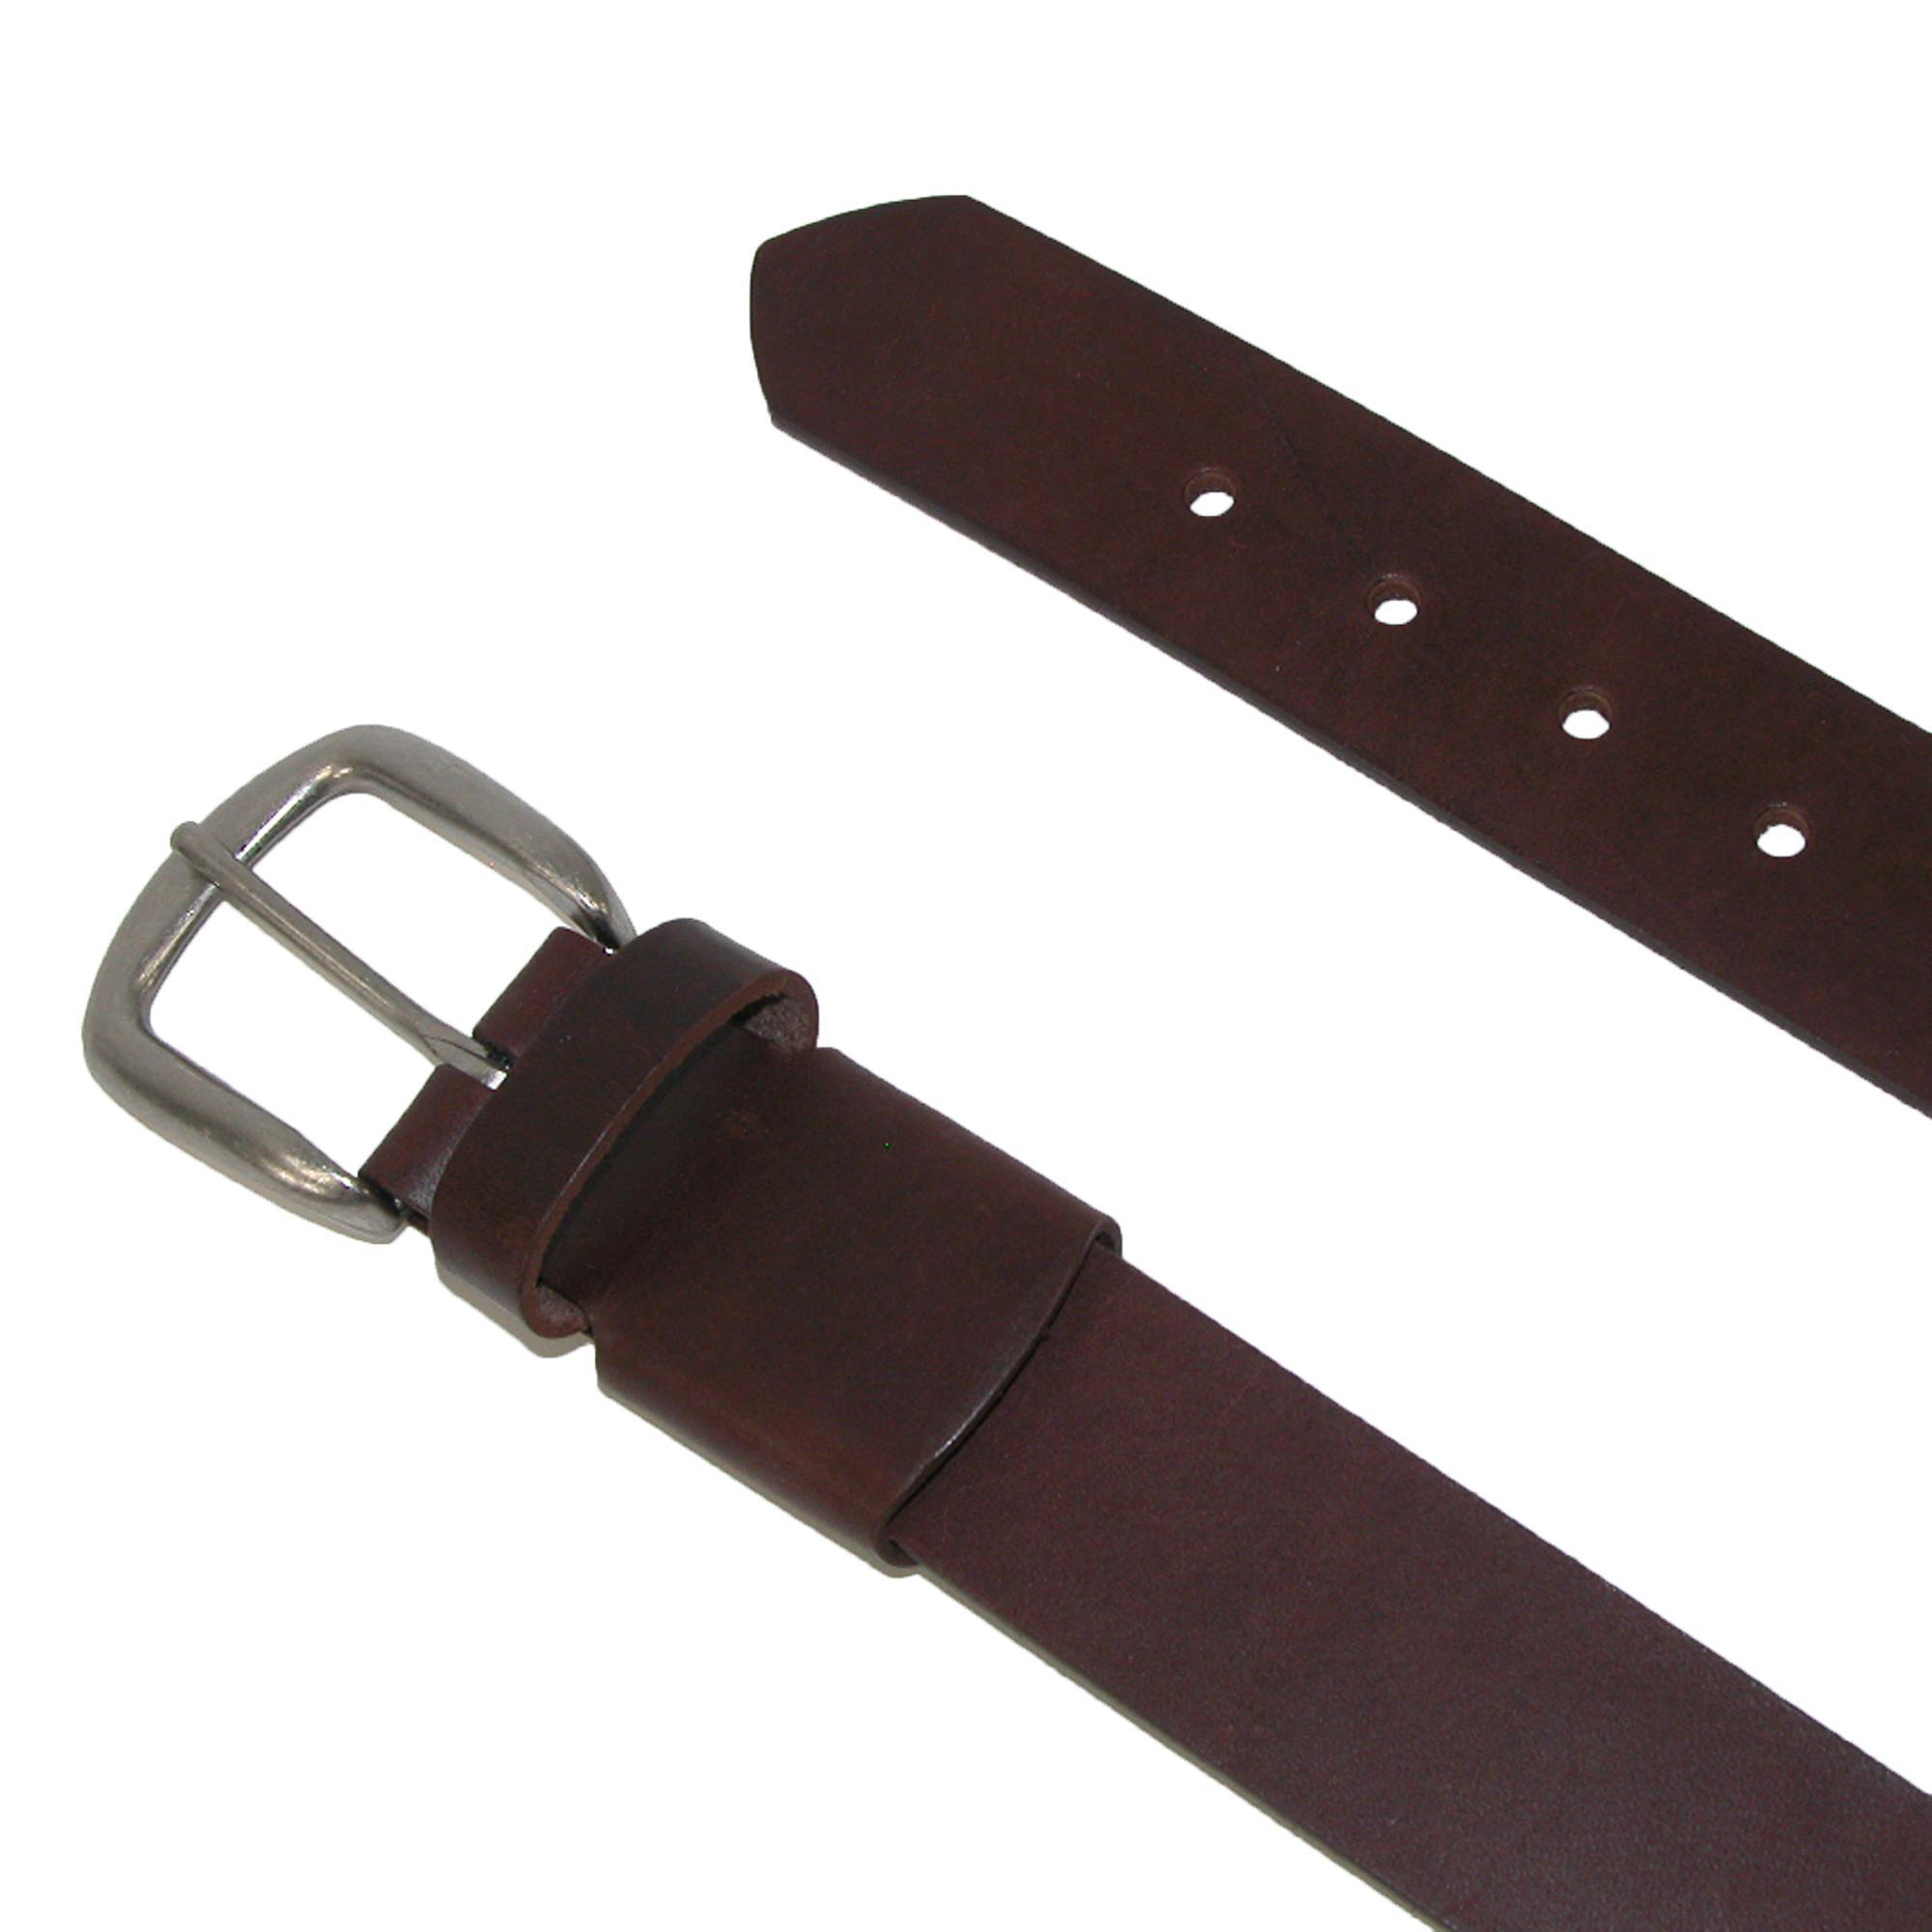 Nouveau-Boston-Leather-Men-039-s-Stretch-Cuir-Bride-Ceinture-Avec-Cache-elastique miniature 6